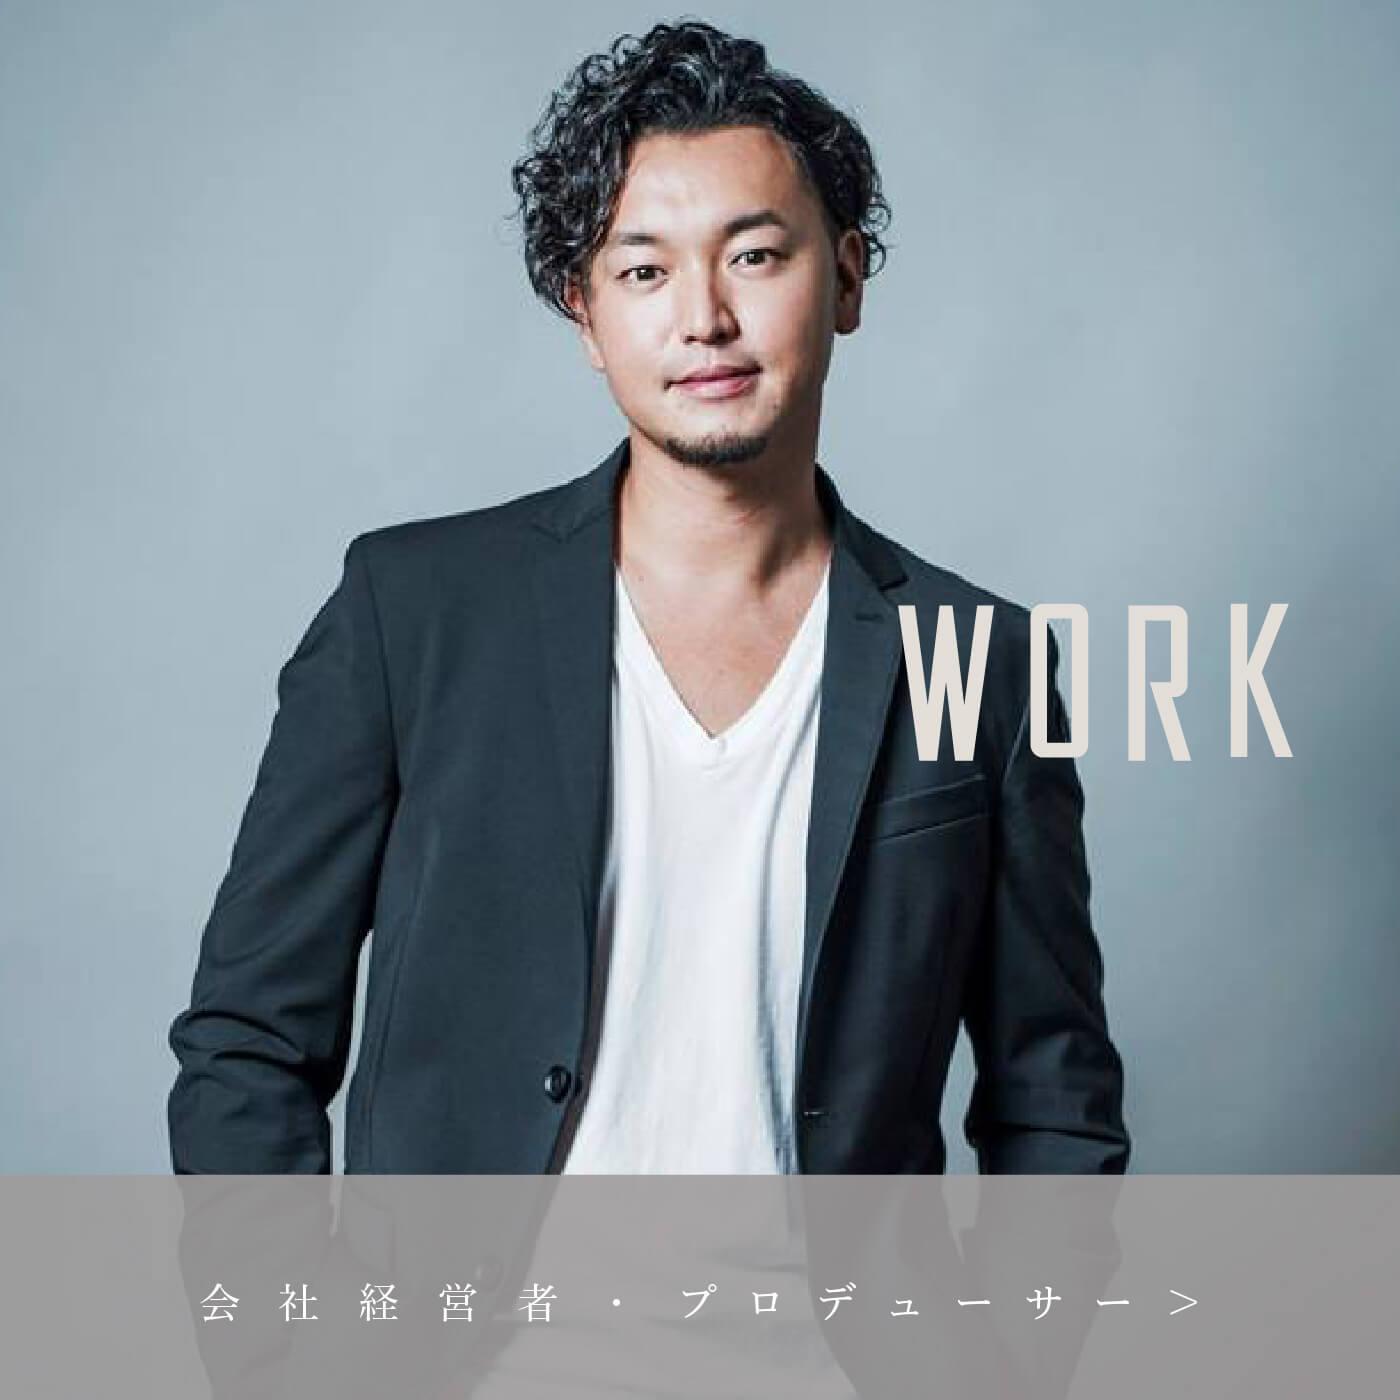 会社経営者・プロデューサー>